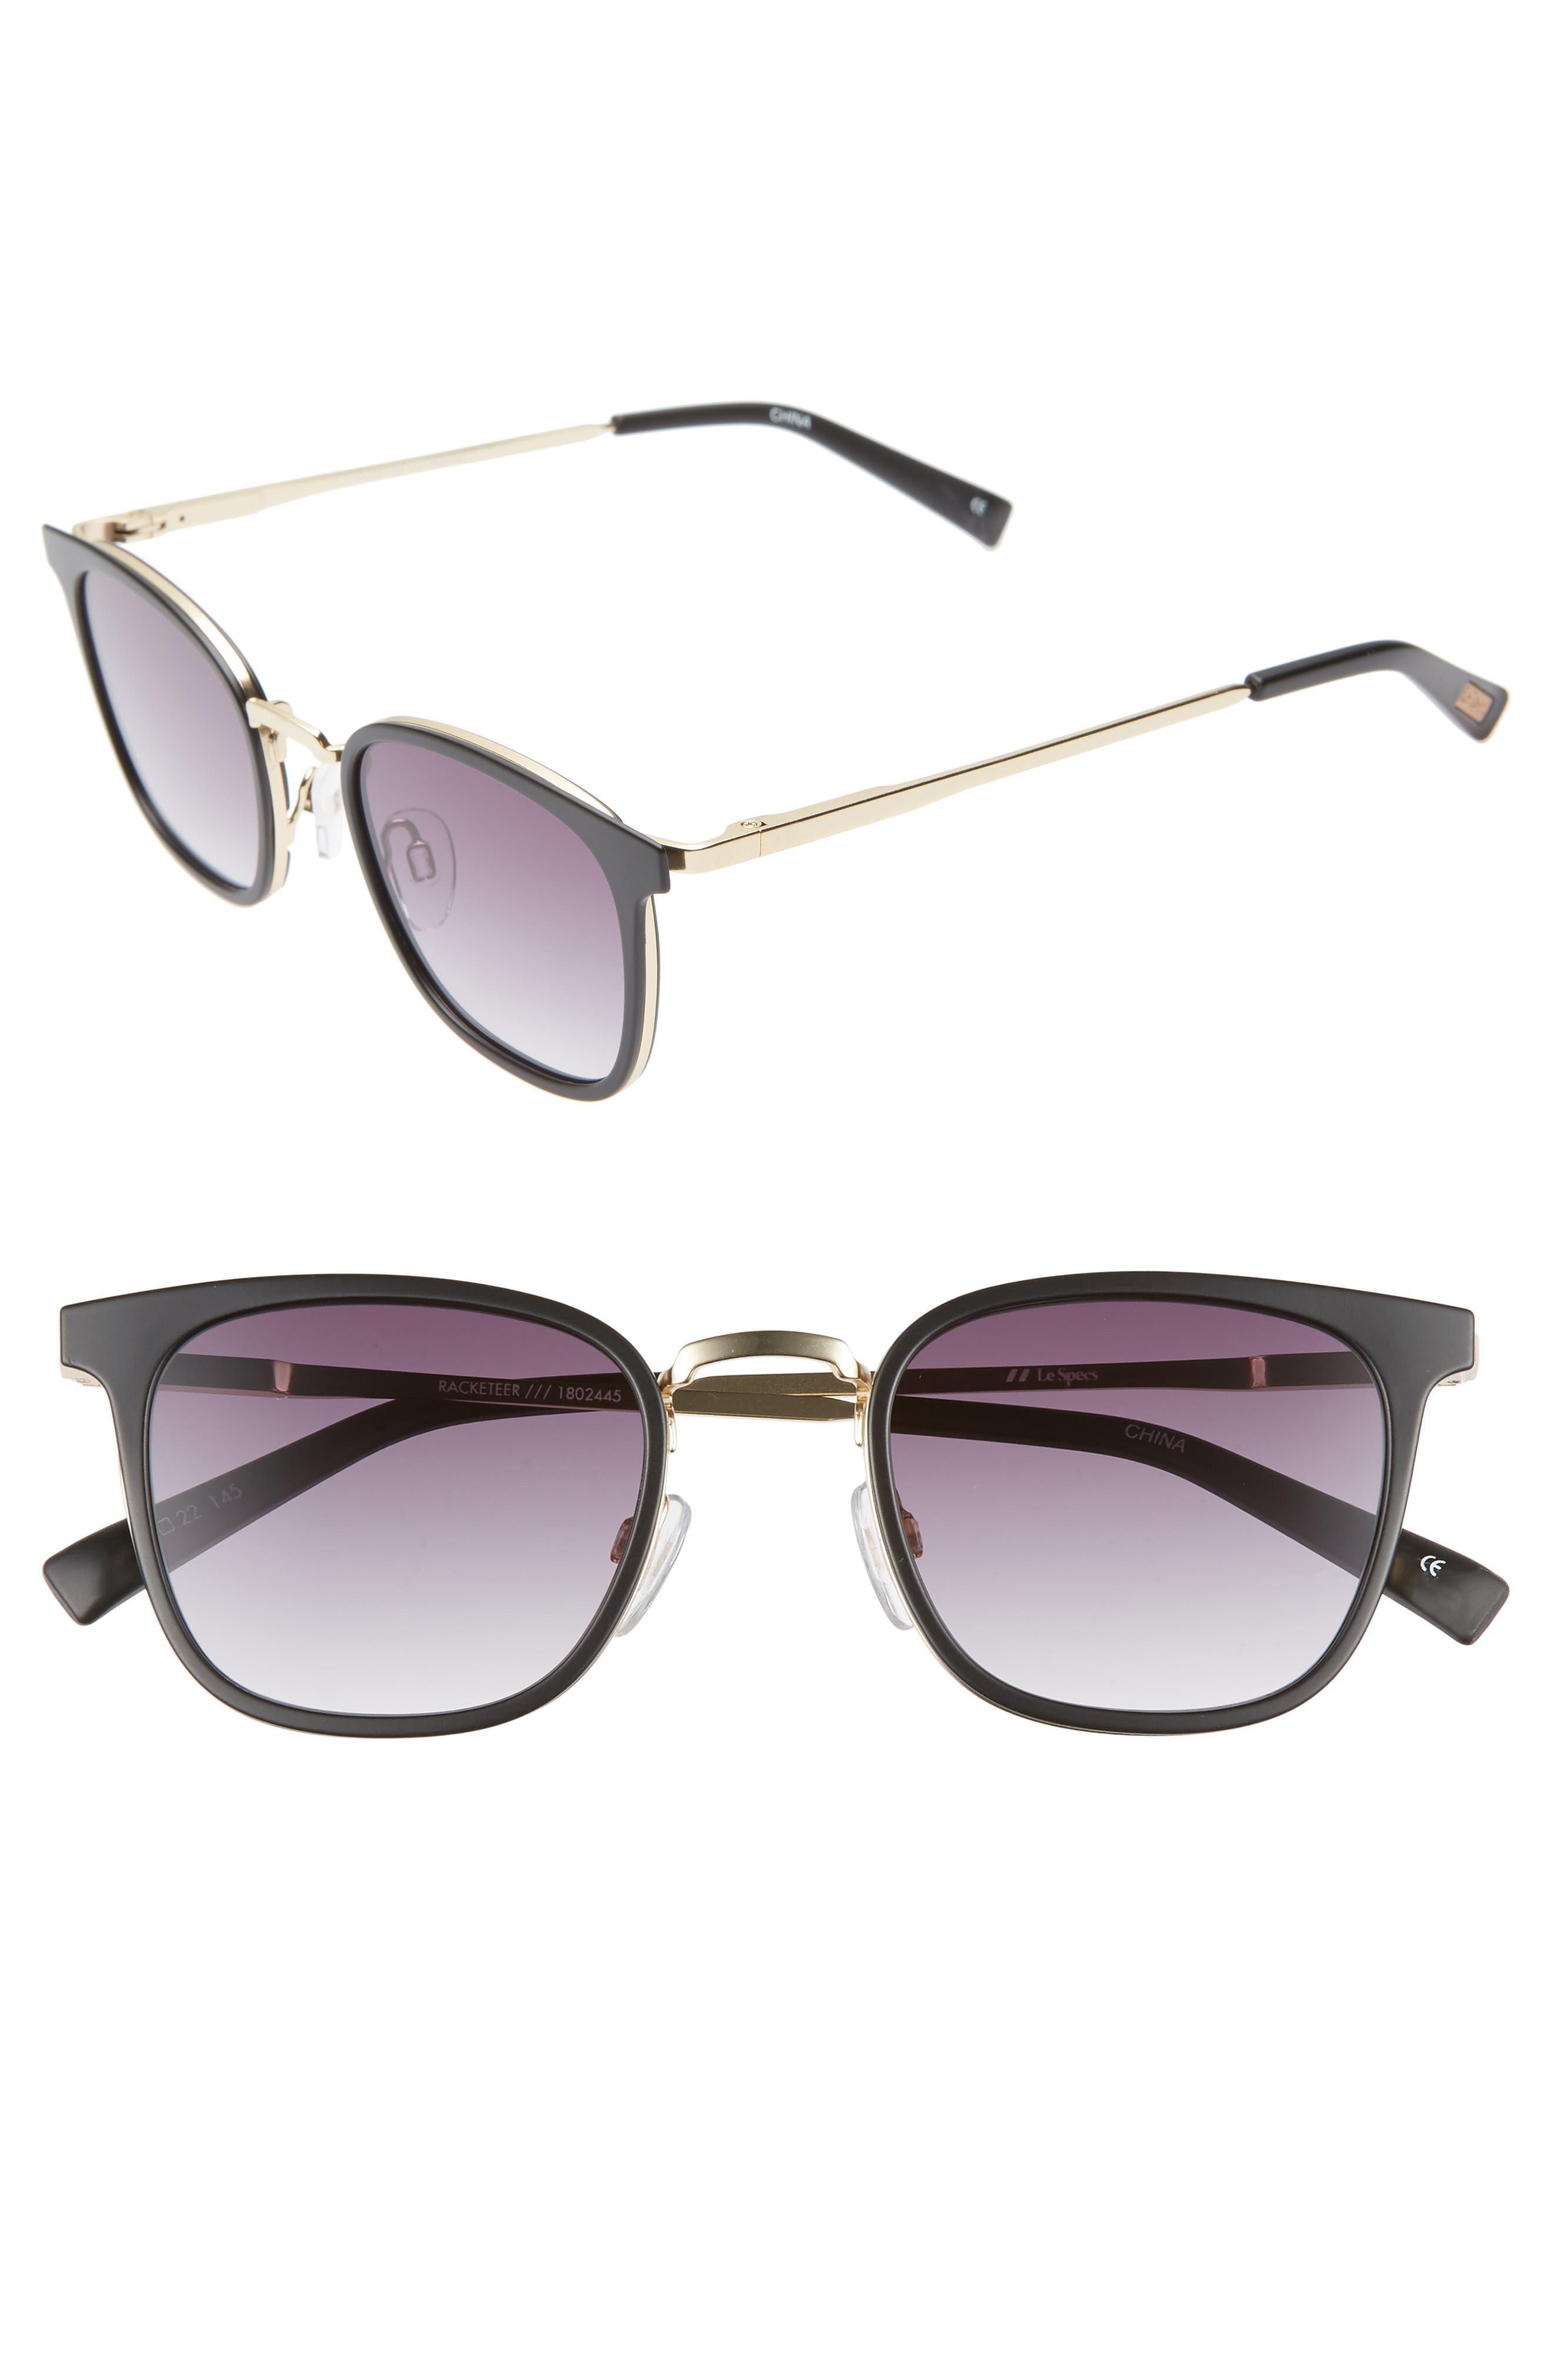 Le Specs 4m Horn Rim Sunglasses - Matte Black